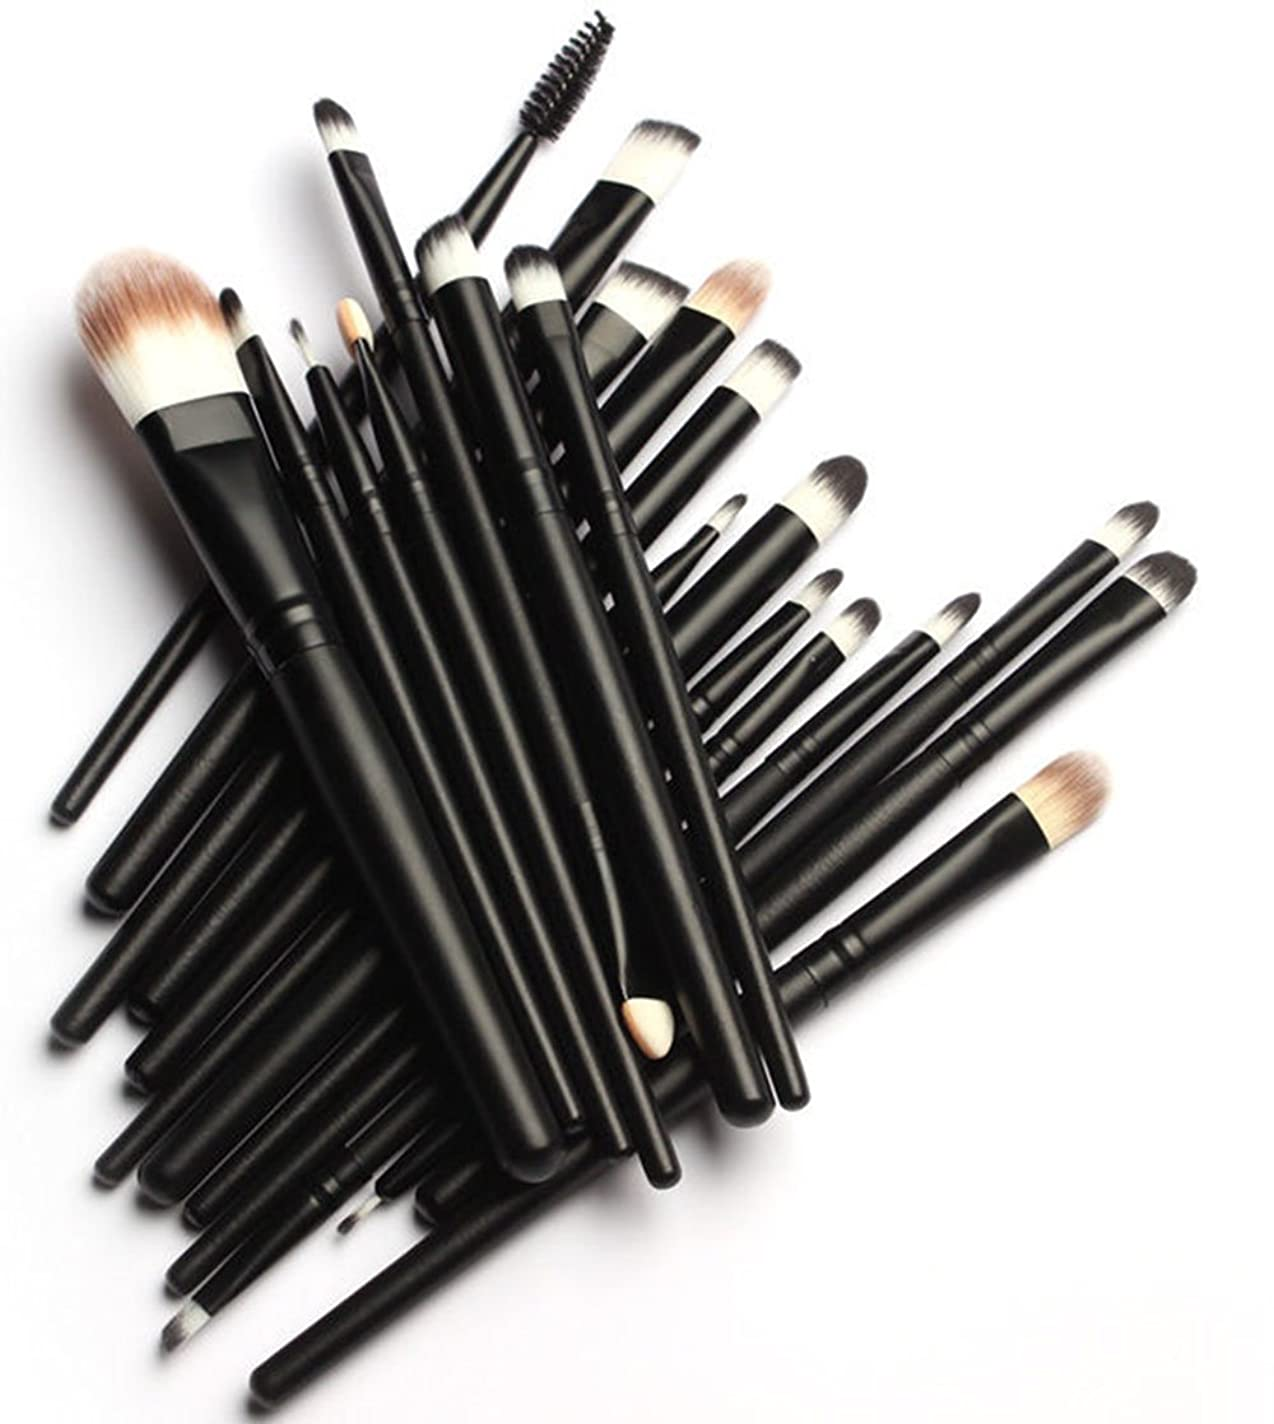 プレゼント暴力的なブース(メイクアップエーシーシー)MakeupAccメイクブラシ20本セット 化粧筆 多機能 柔らかい 黒 化粧セット【並行輸入品】